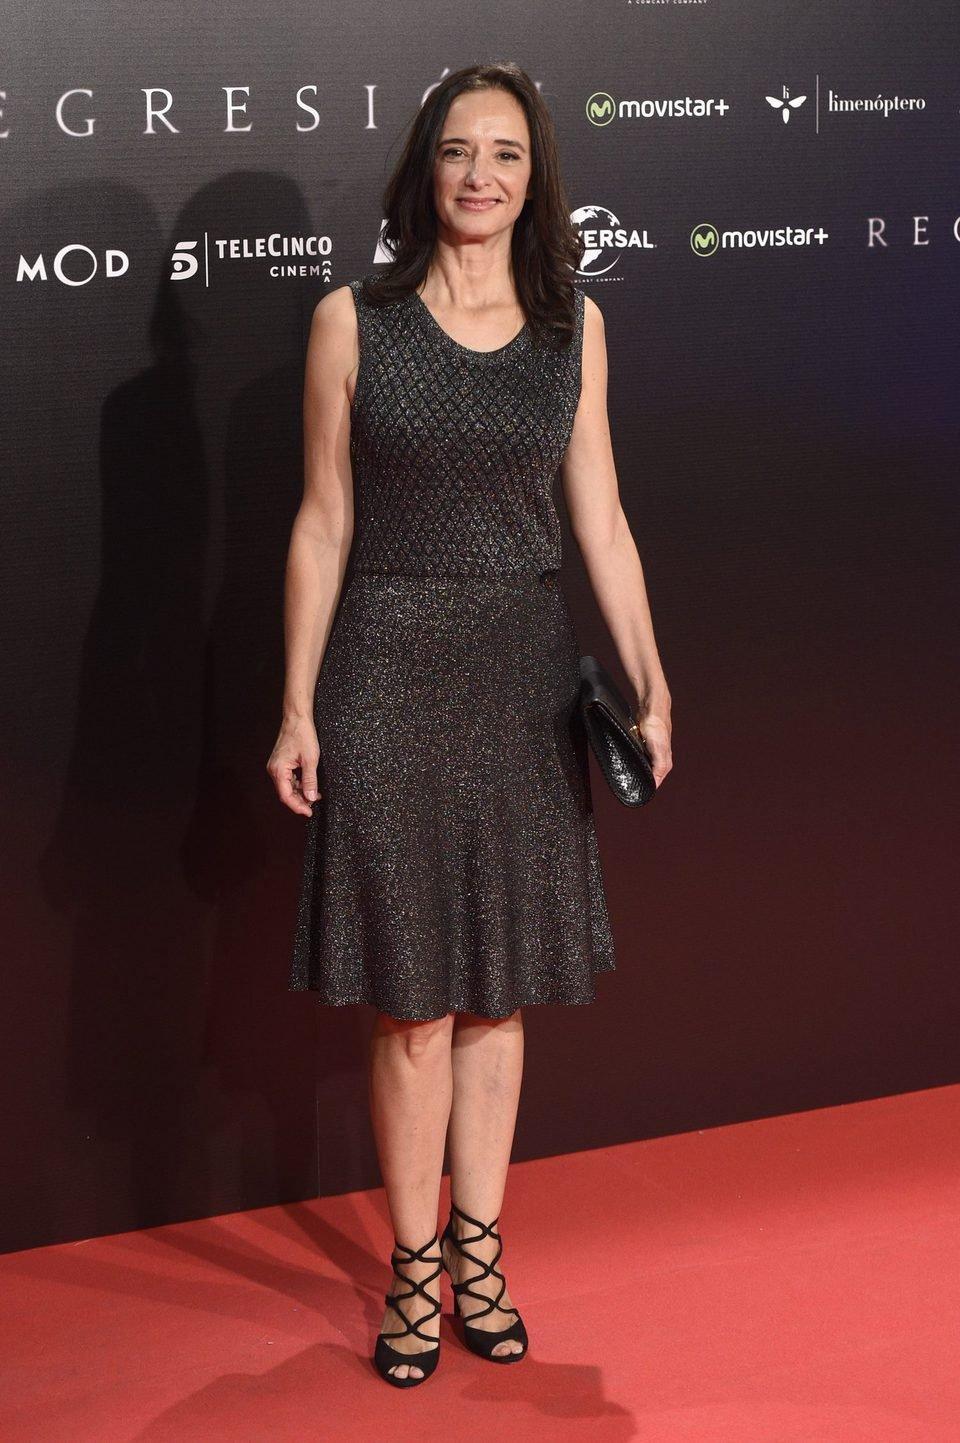 Ana Torrent en la Premiere de 'Regresión' en Madrid